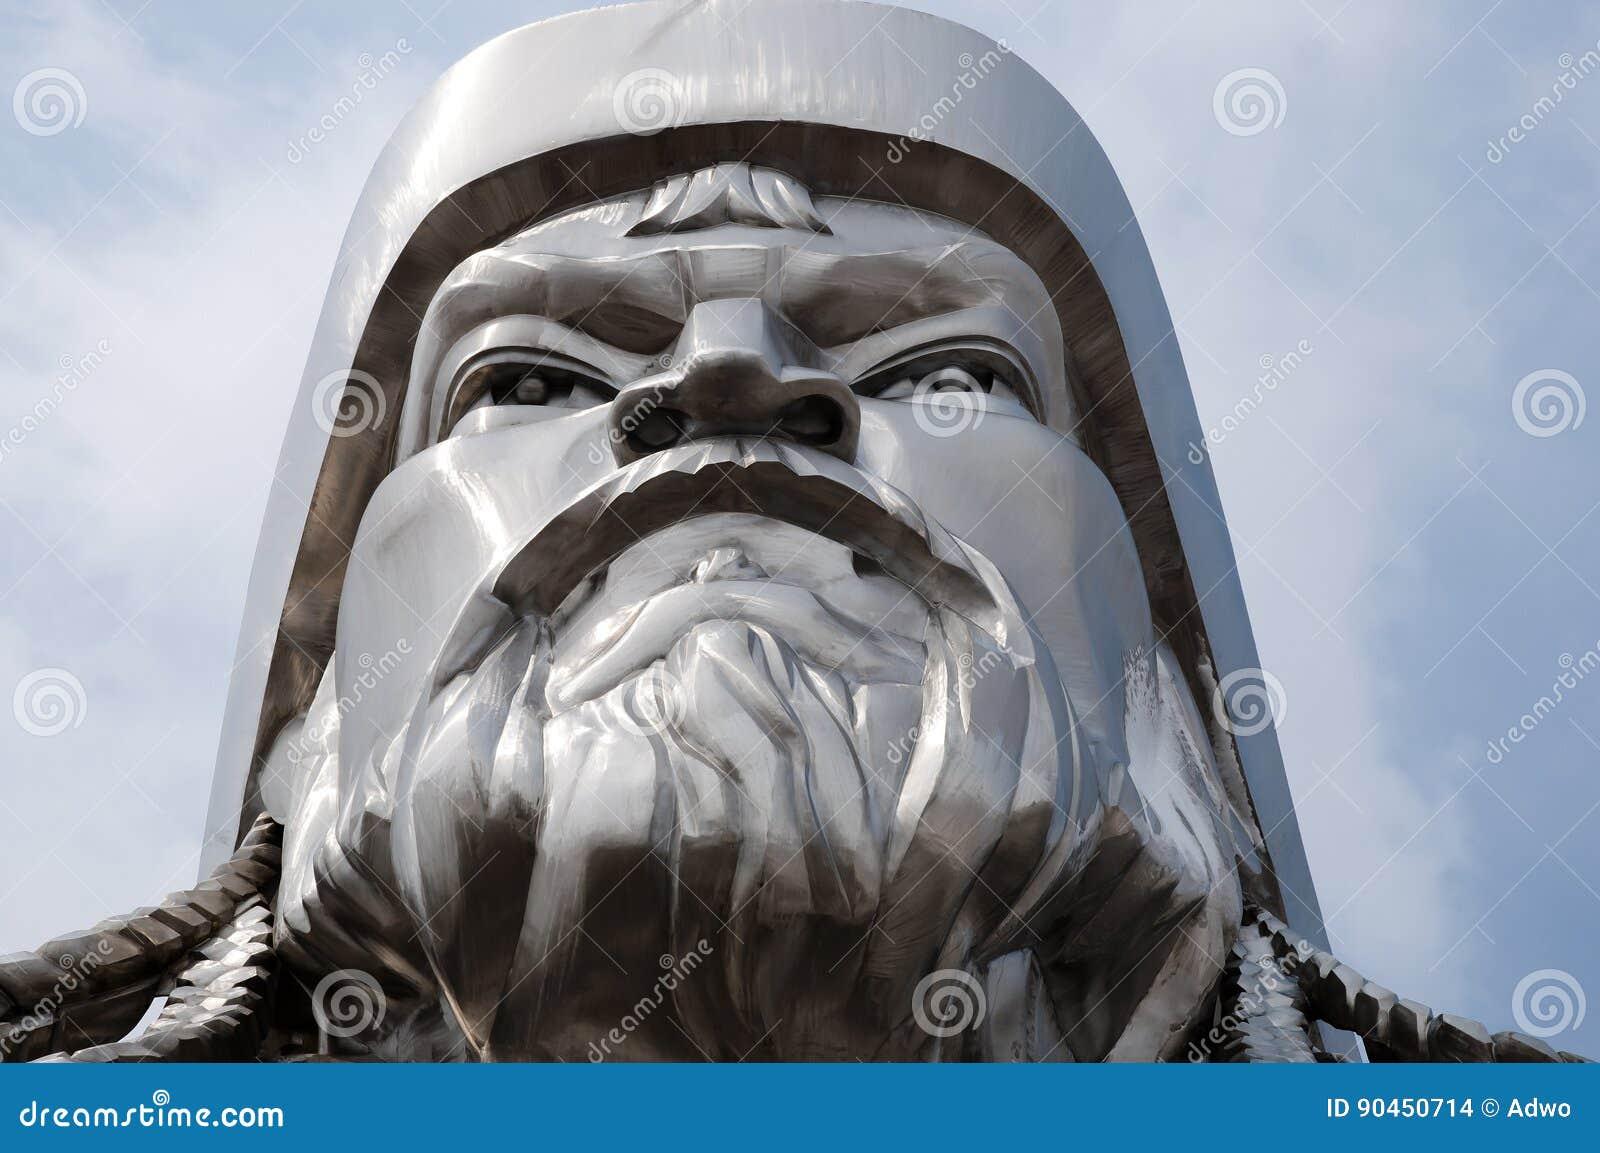 Genghis Khan Equestrian Statue - Mongoliet